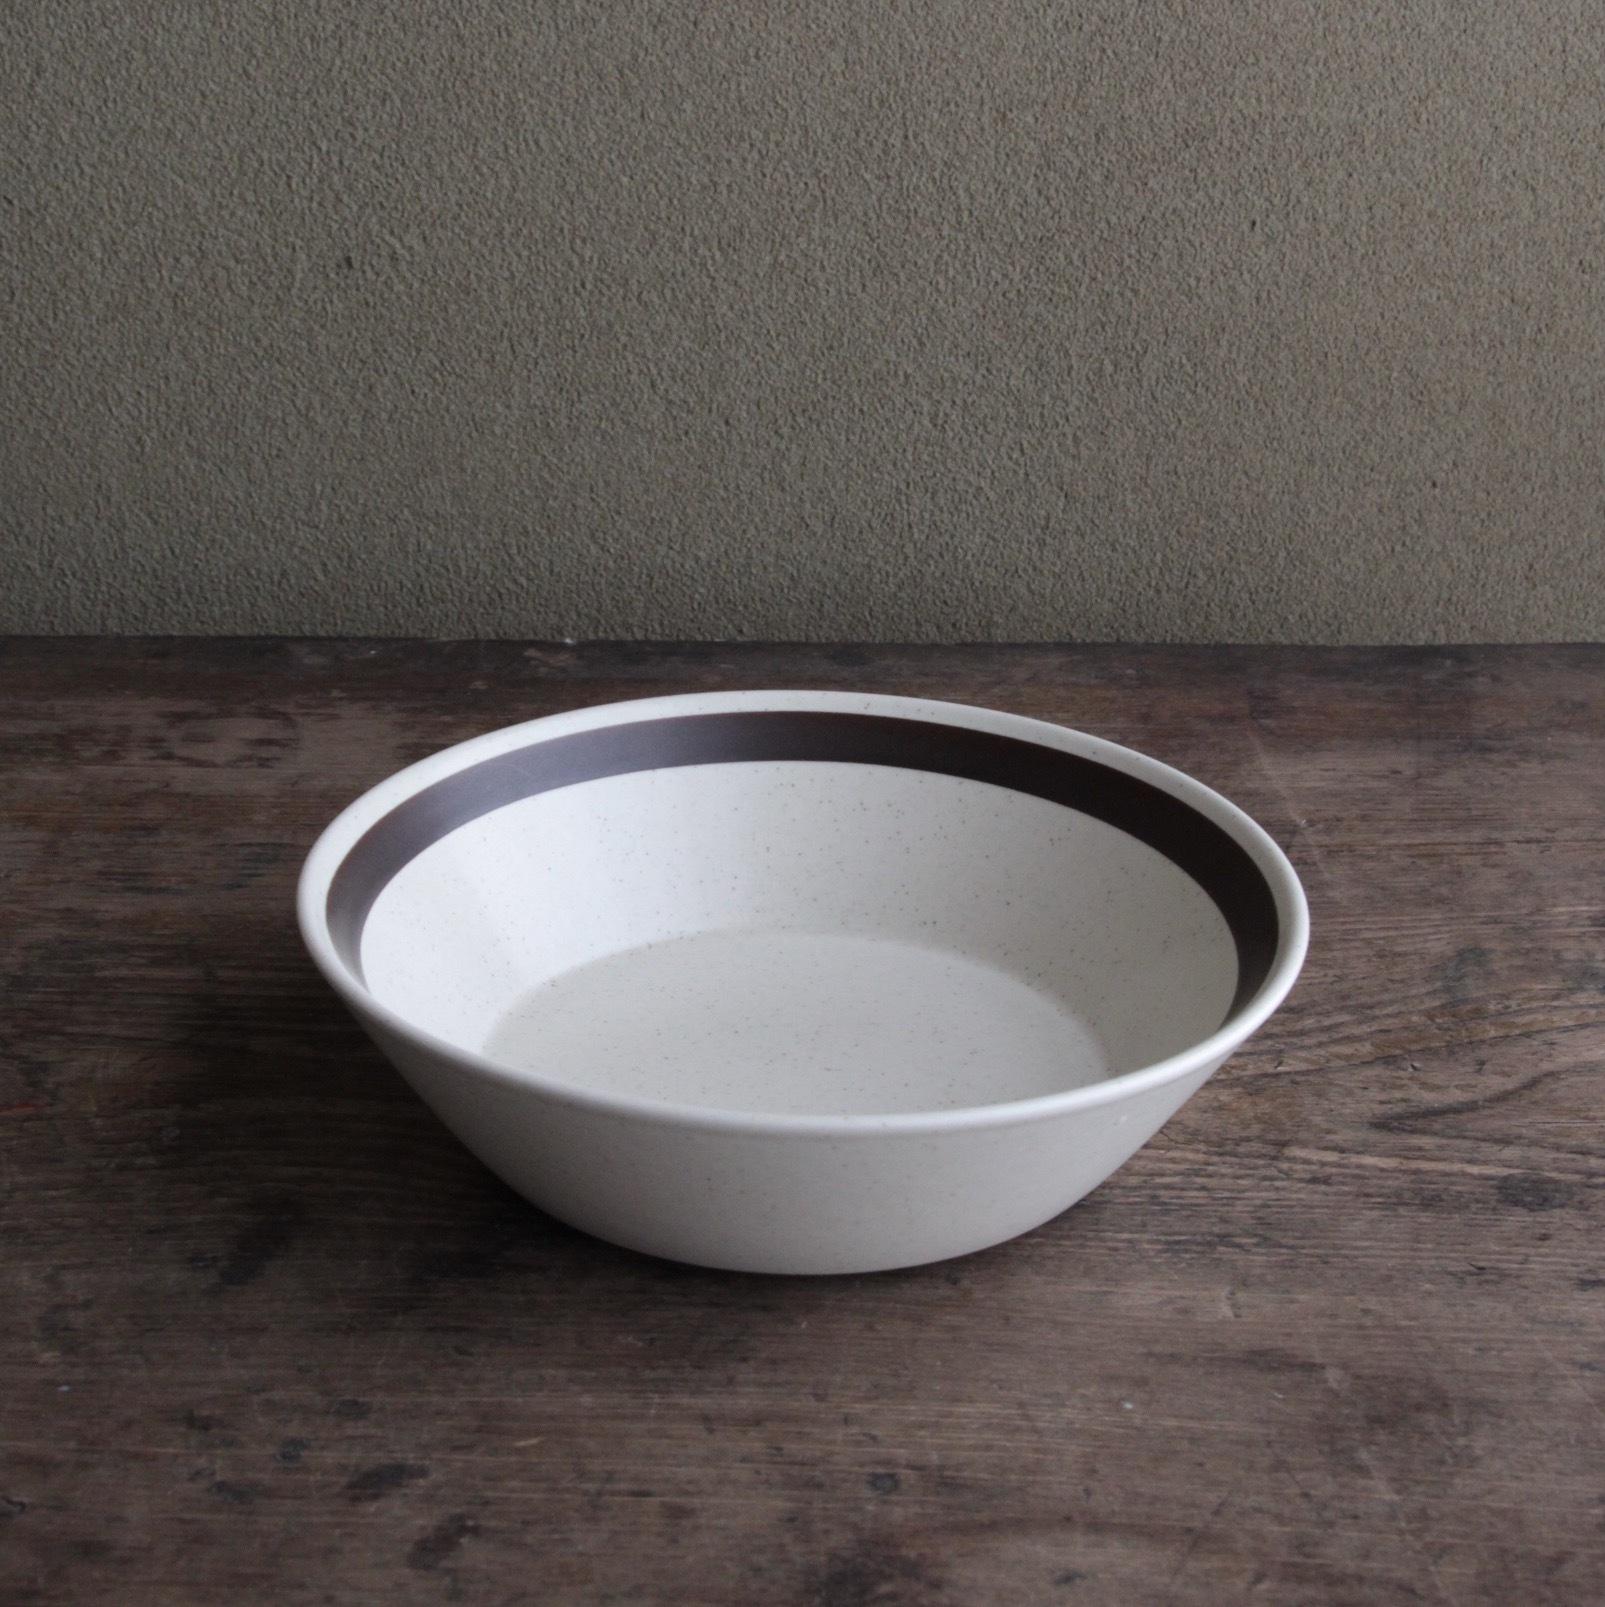 ミカサ ストーンウェア ボウル皿 在庫1枚